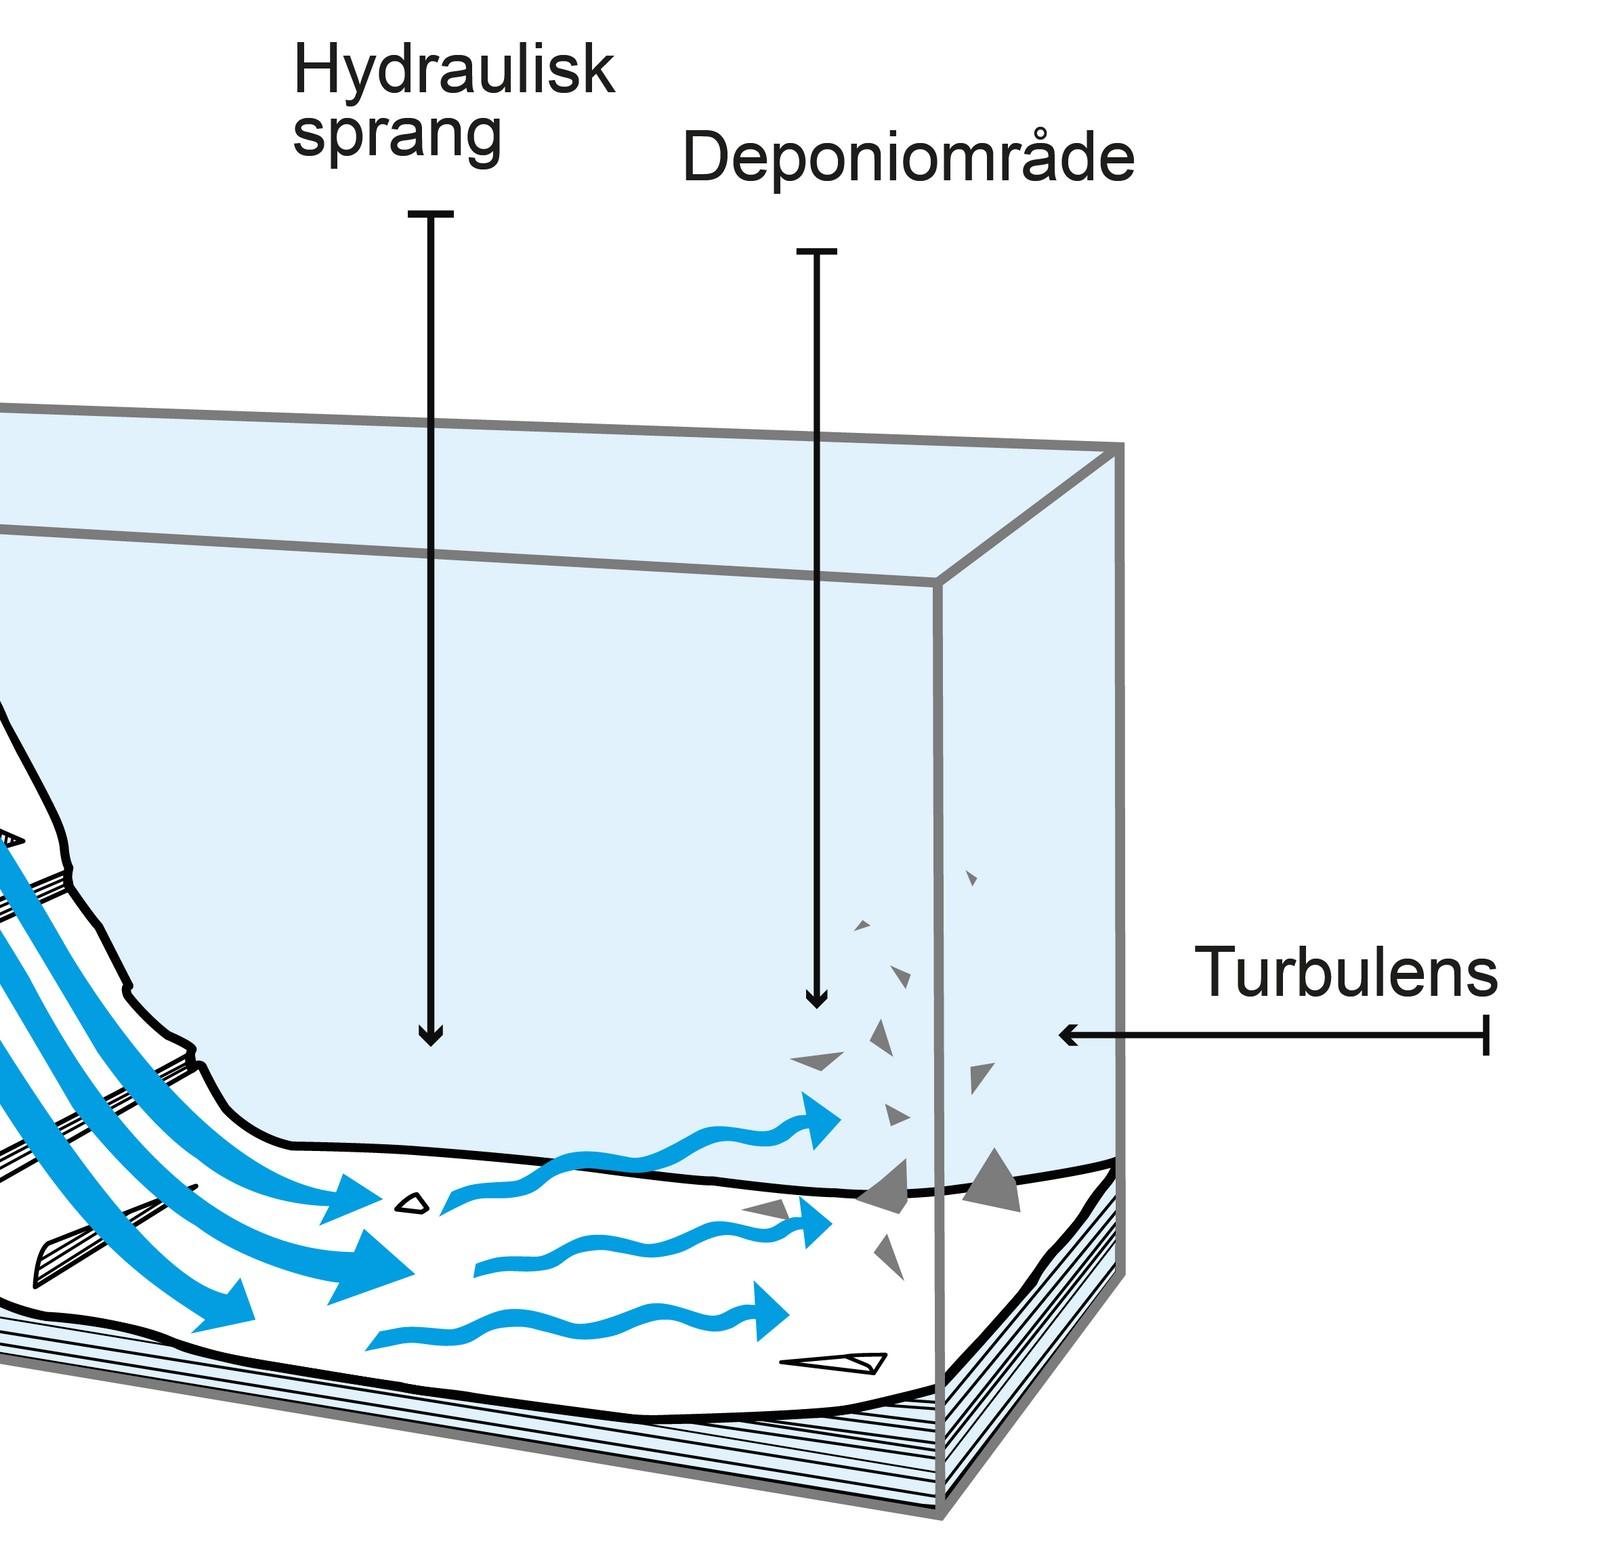 """Dersom strømmen gjennom Ålasundet blir for rask, mener forskere ved Universitetet i Bergen at det kan oppstå et såkalt """"hydraulisk sprang"""". Sjansen er da stor for at det skapes ekstra store forstyrrelser i deponiområdet, som kan føre til økt spredning av partikler — og enda større påvirkning av dyrelivet enn det man hittil har regnet med."""